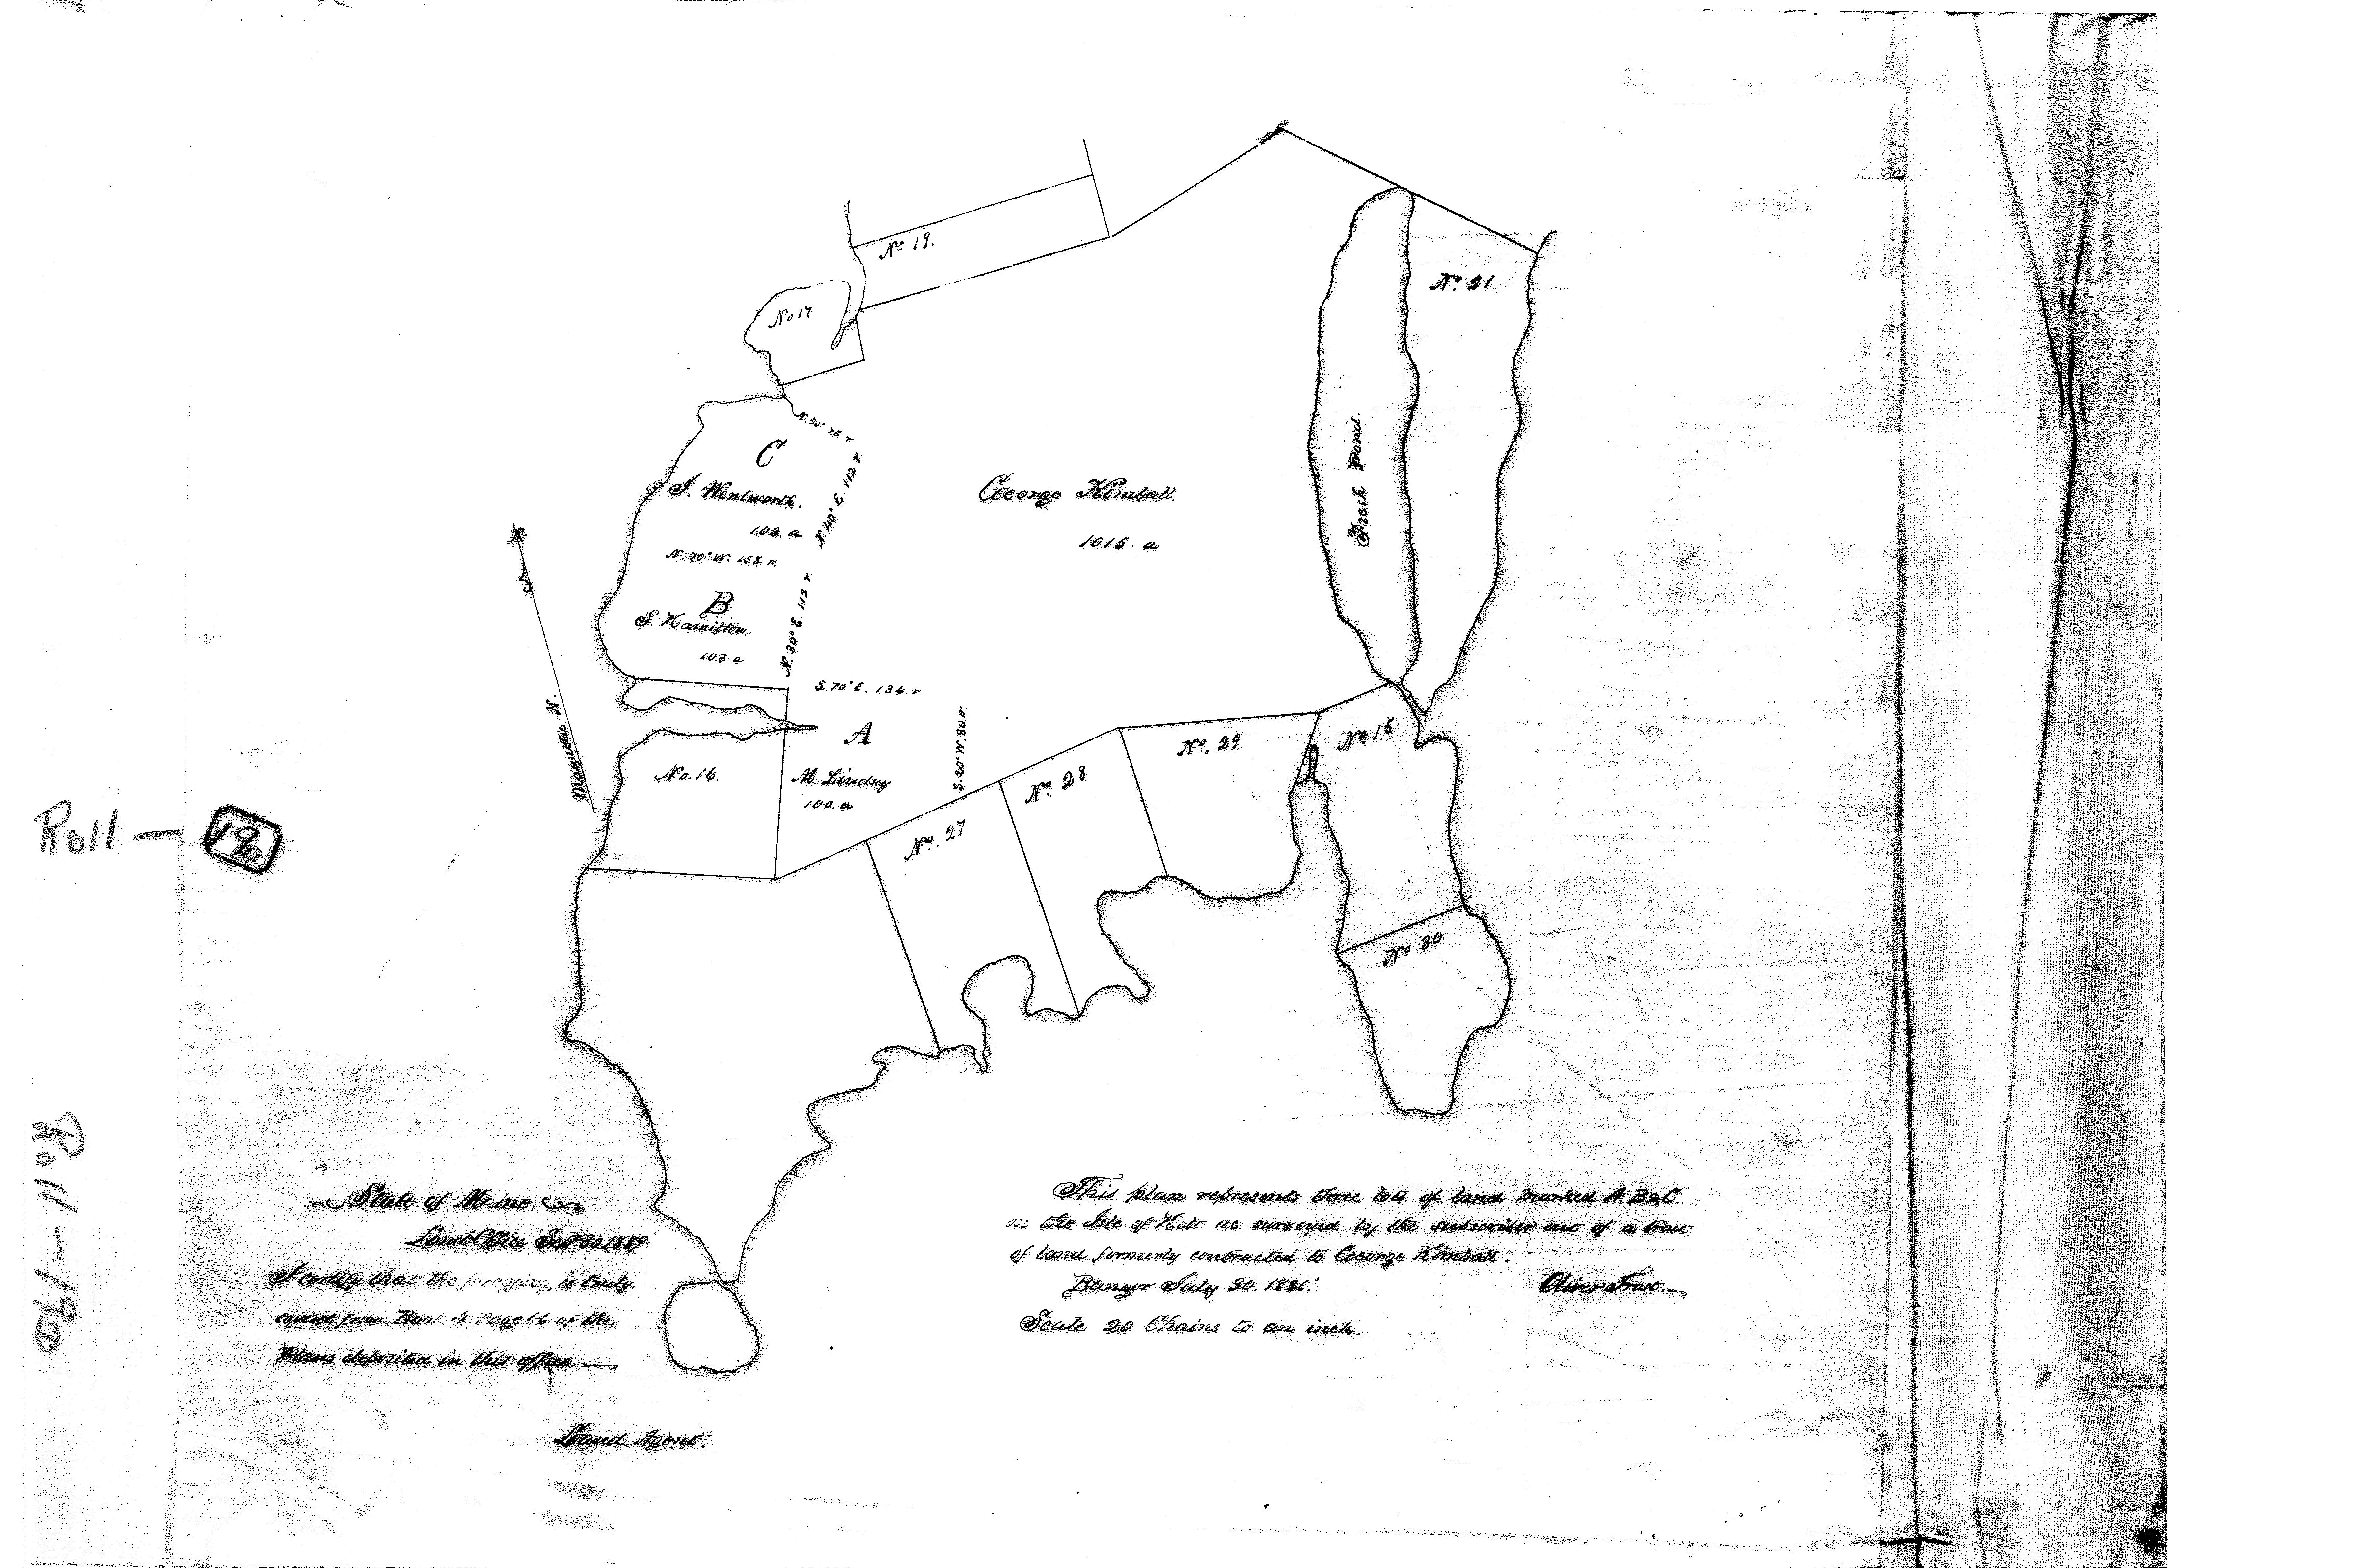 Hancock County Registry of Deeds